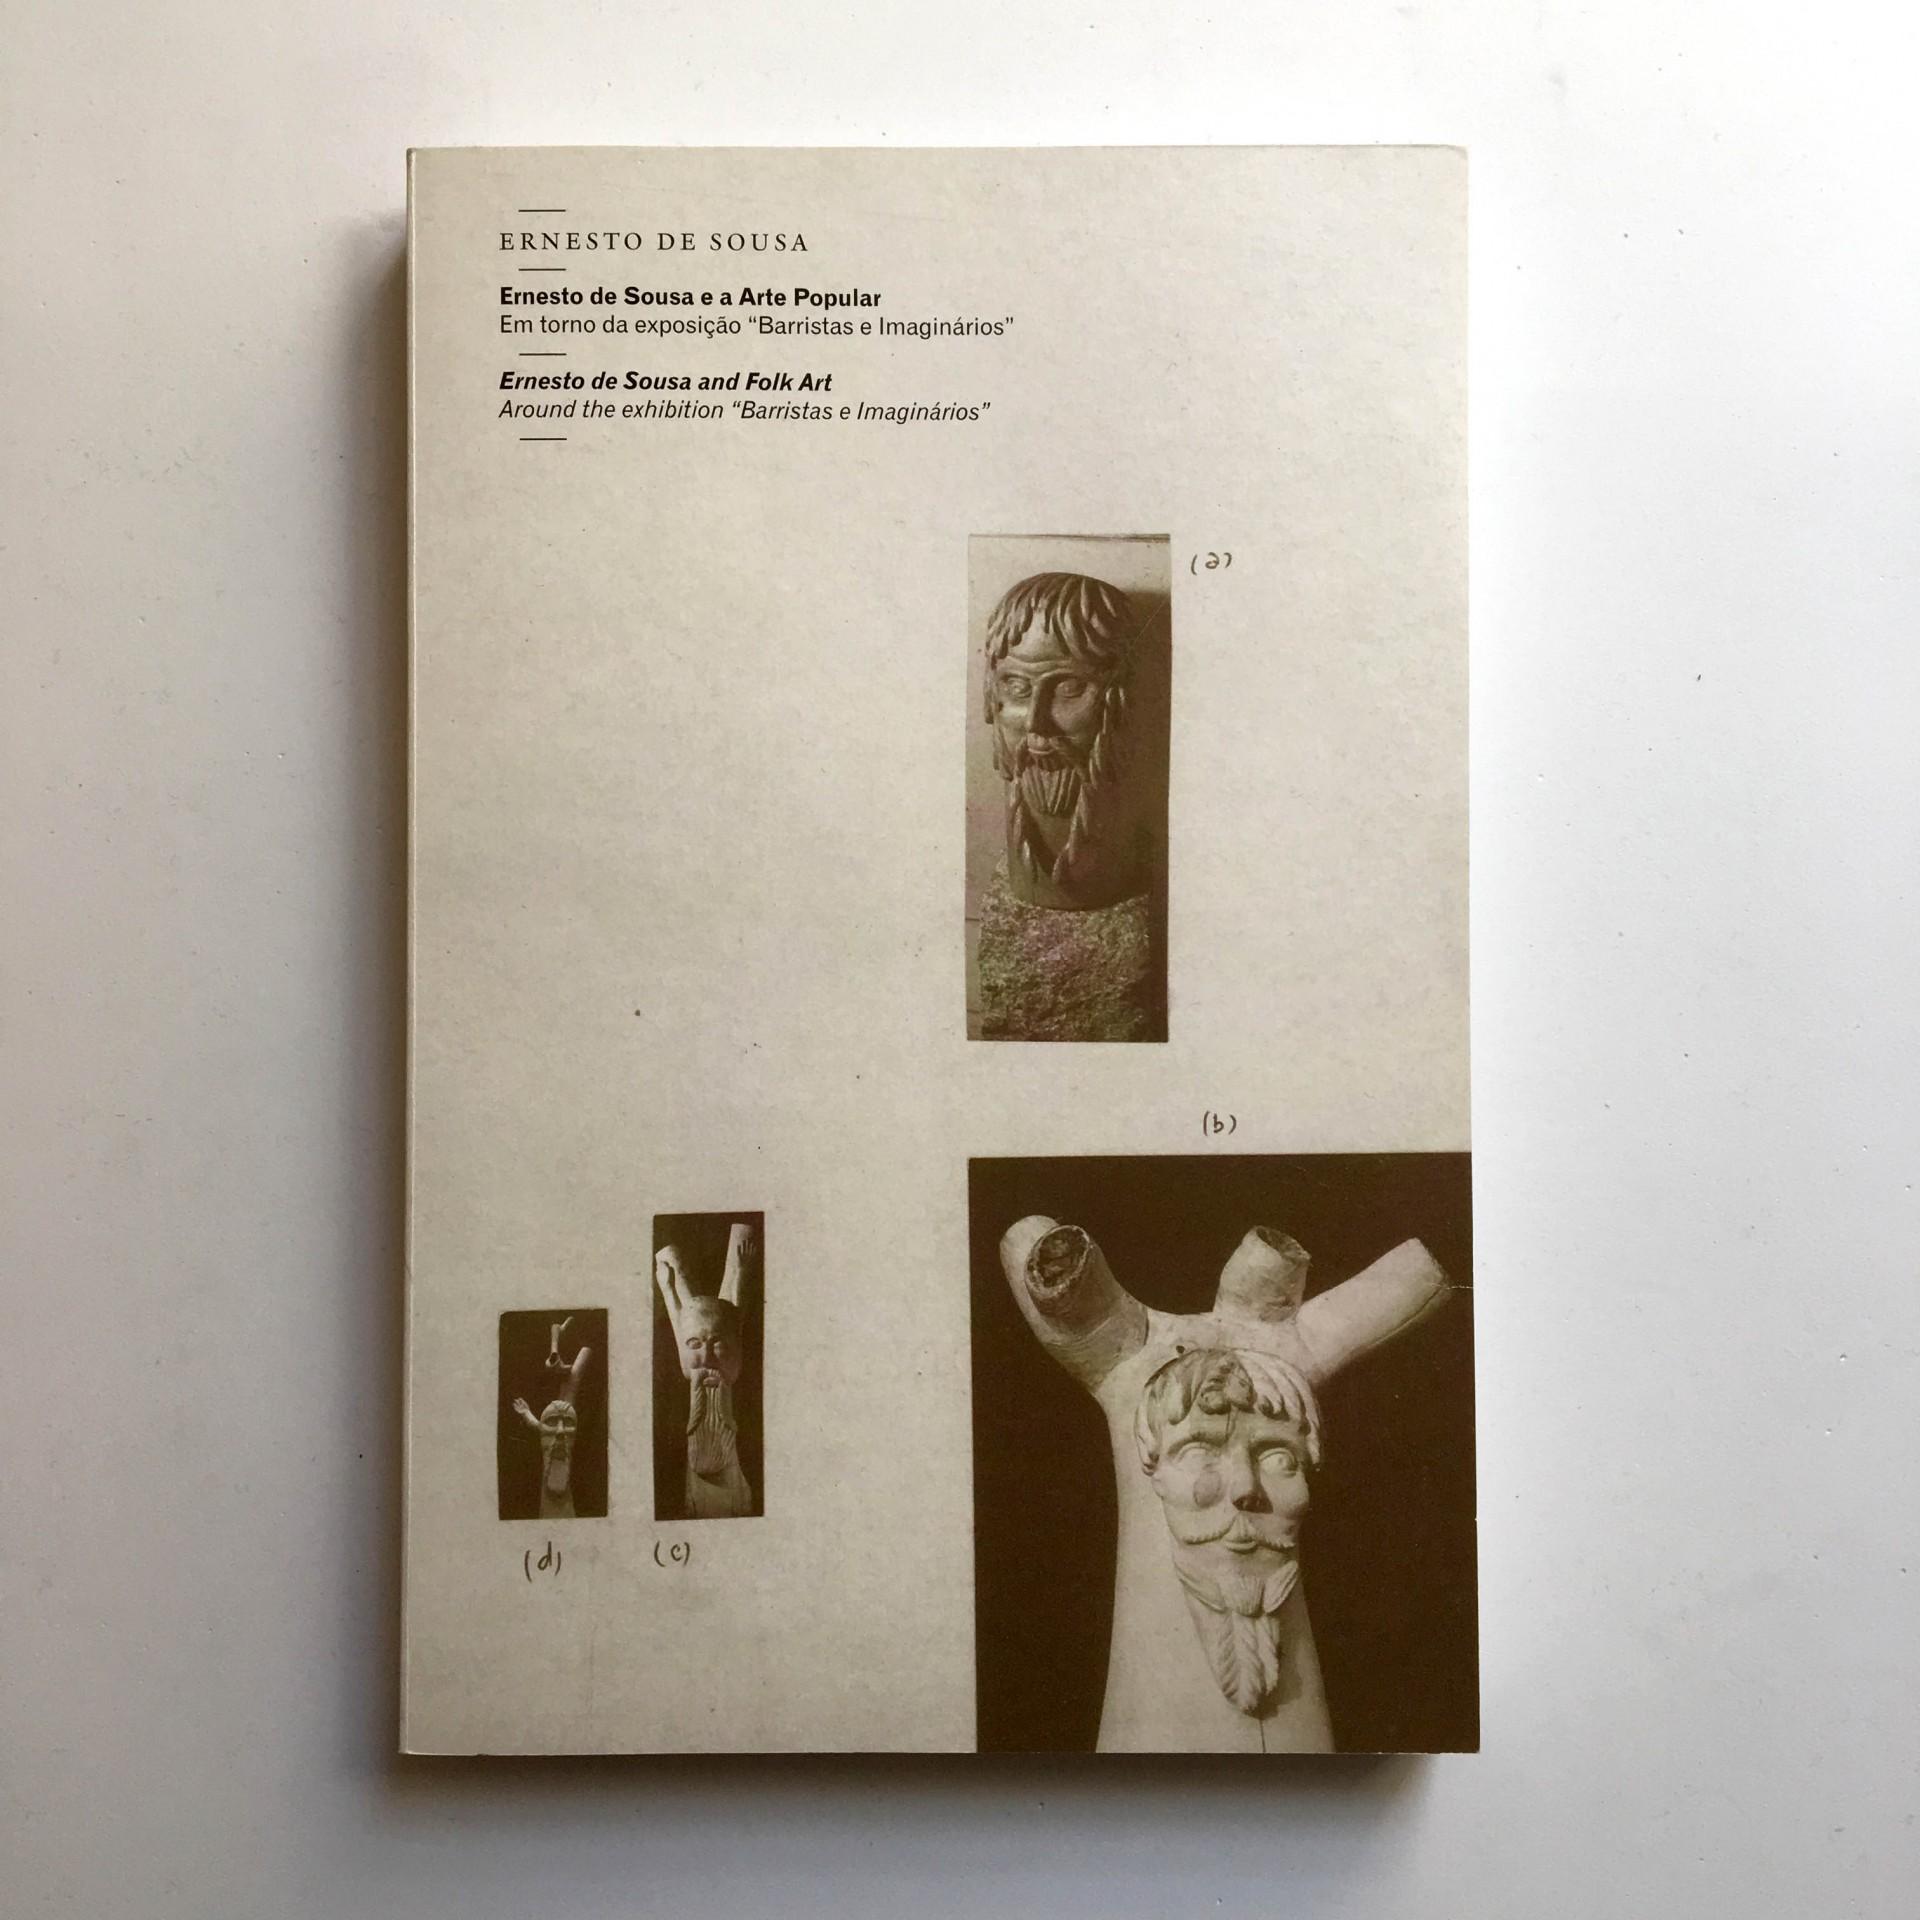 Ernesto de Sousa e a Arte Popular